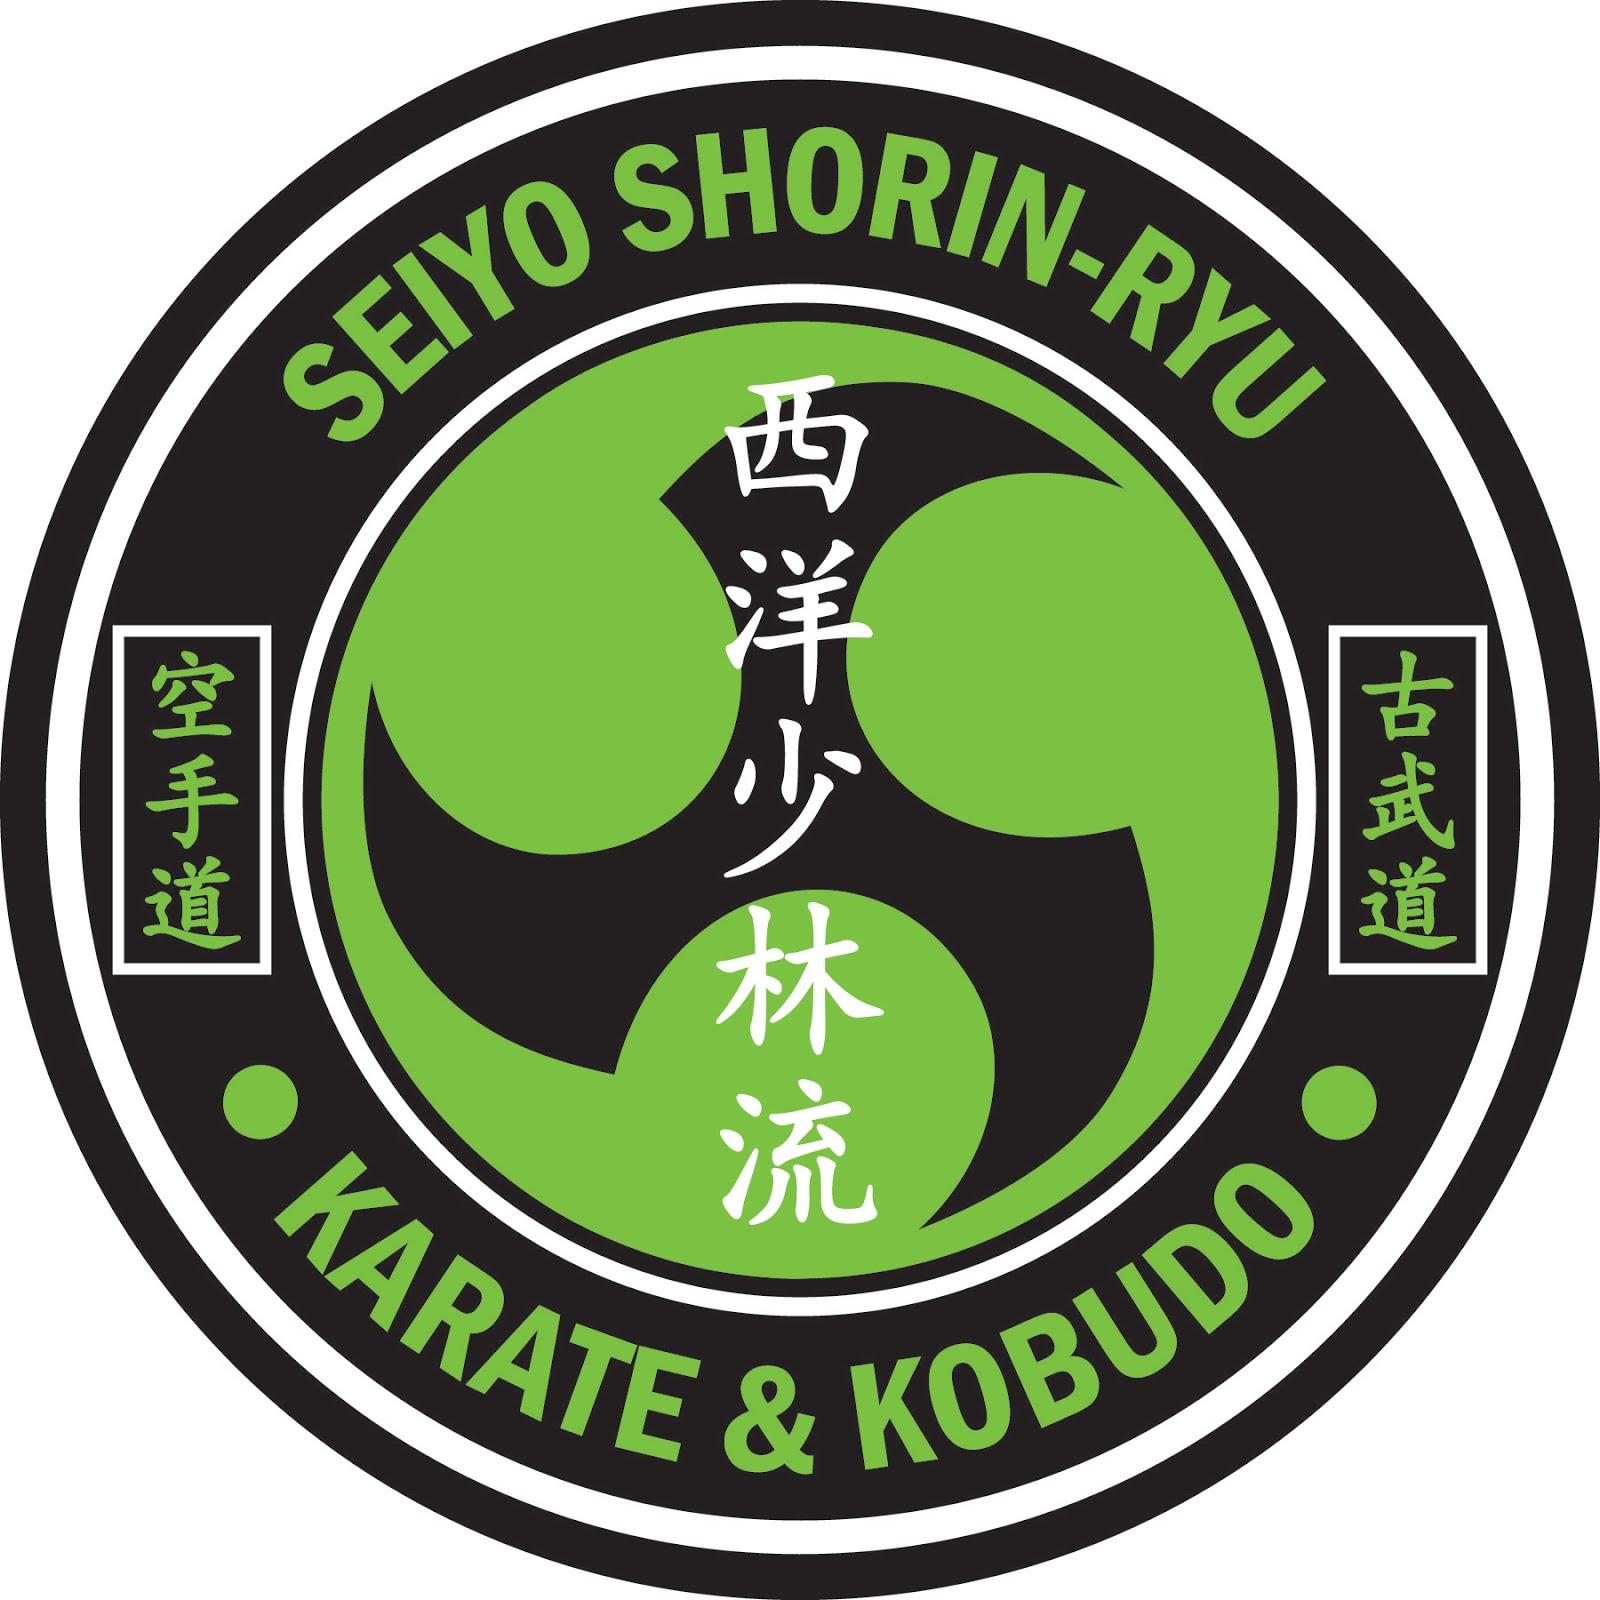 Seiyo Shorin-Ryu